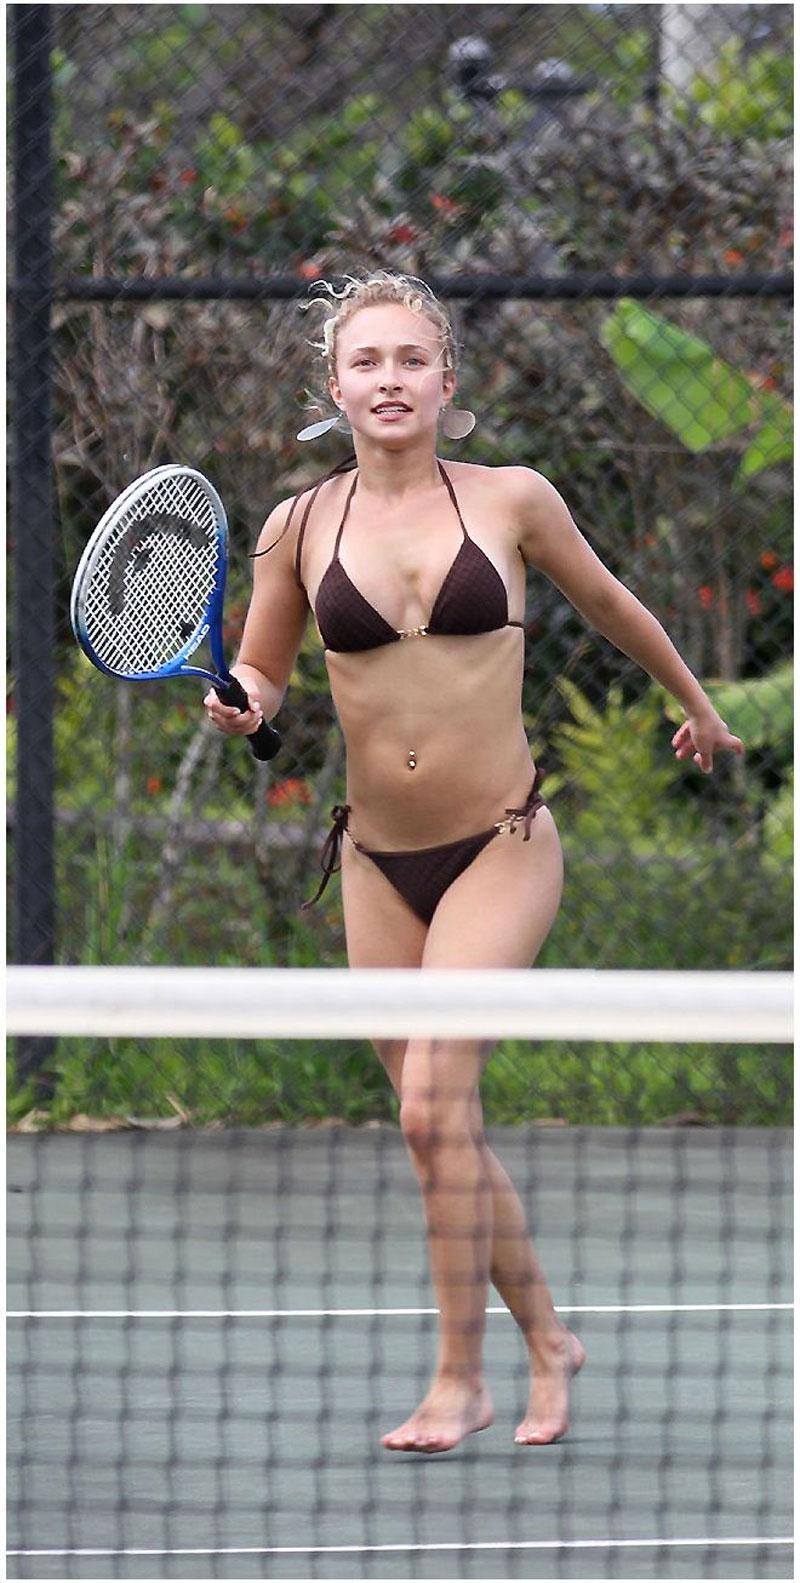 tennis hewitt Jennifer love